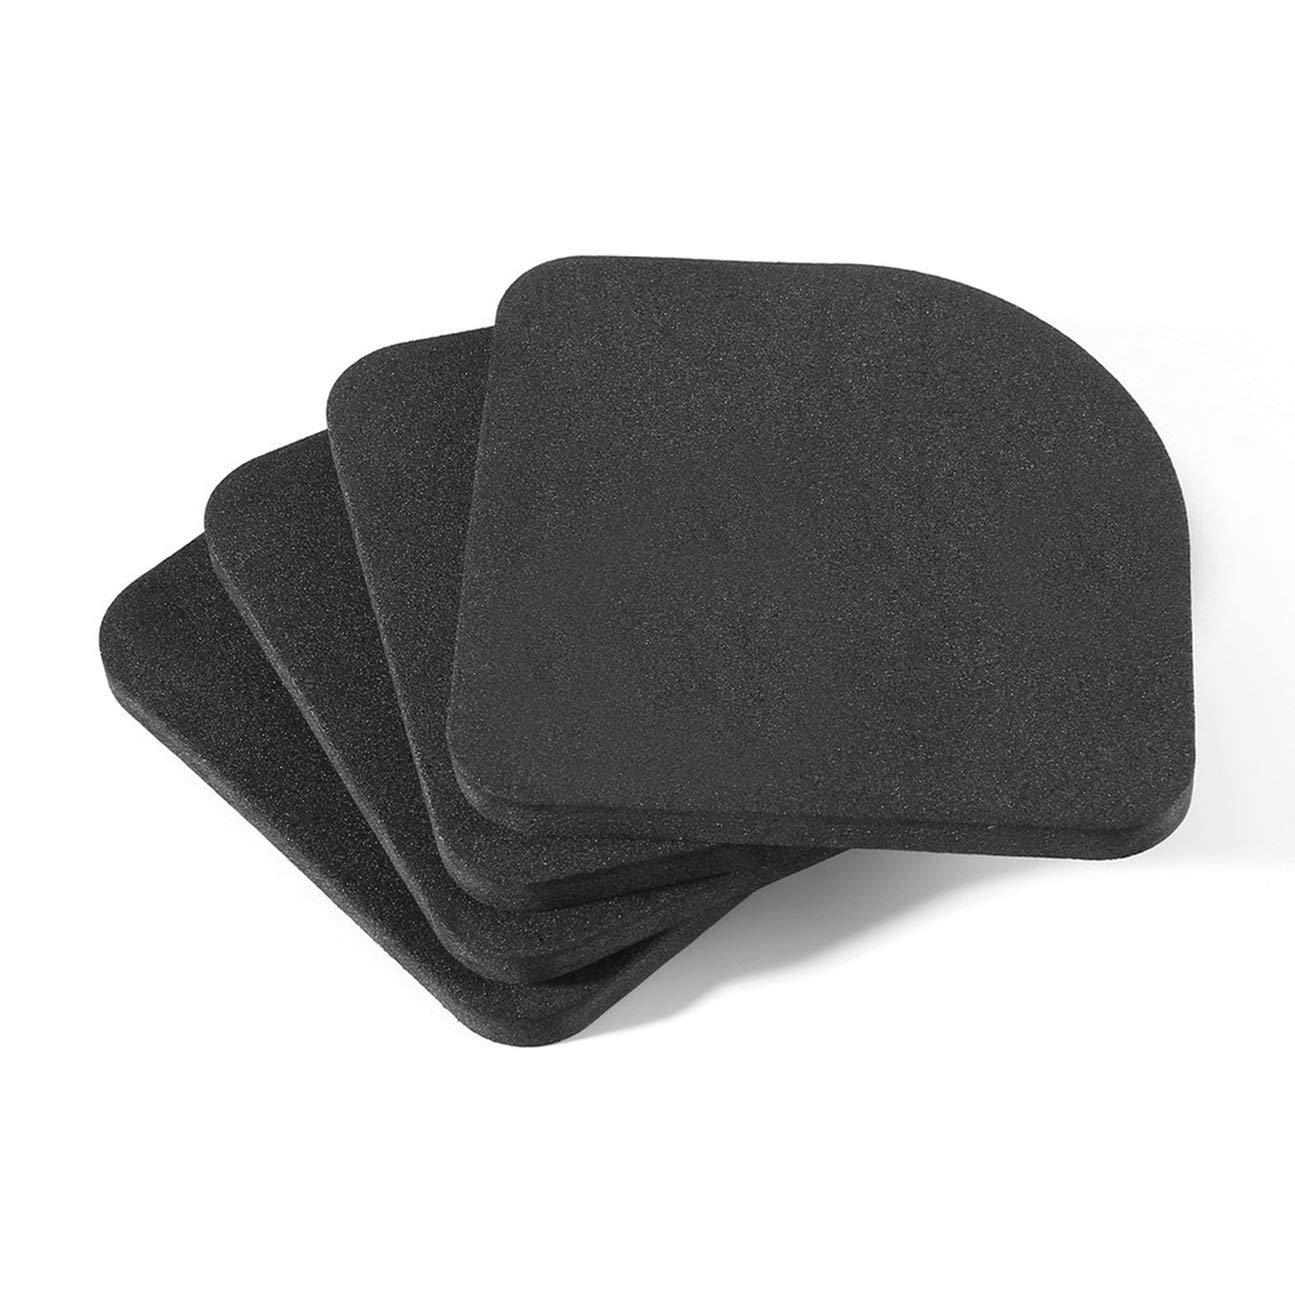 MachinYesell 4 pcs Tapis antid/érapants pour laveuse R/éduisant Le r/éfrig/érateur Anti-Bruit Pad Anti-Vibrations Machine /à Laver Tapis Antichoc comme Le Montre la Photo